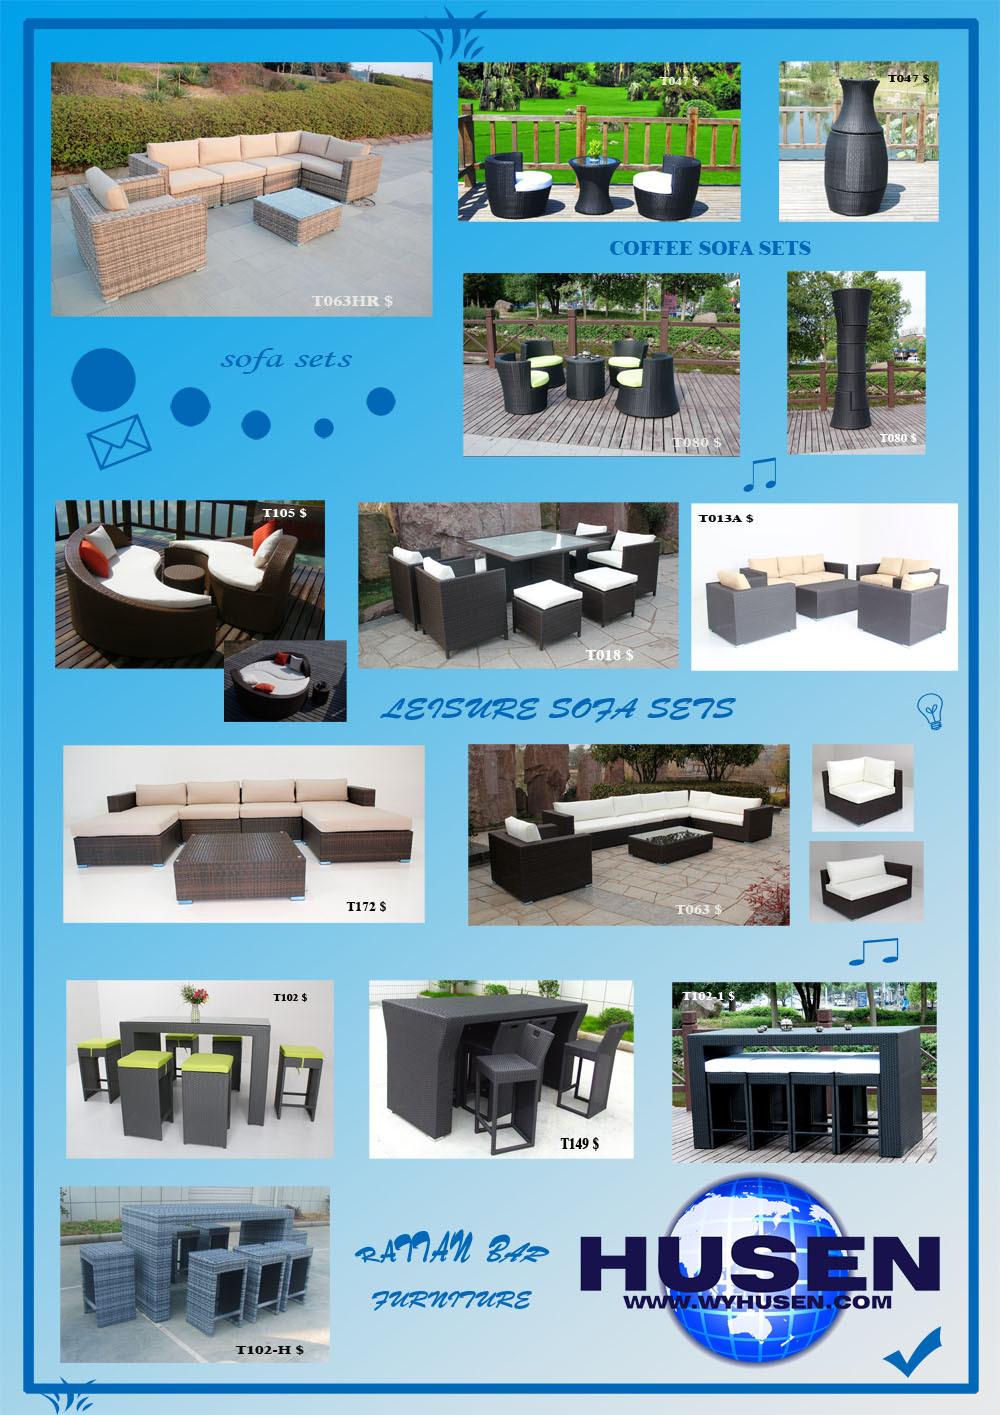 Husen Popular Morden Design Rattan/wicker Sofa Set WYHS T063 1H, Wicker